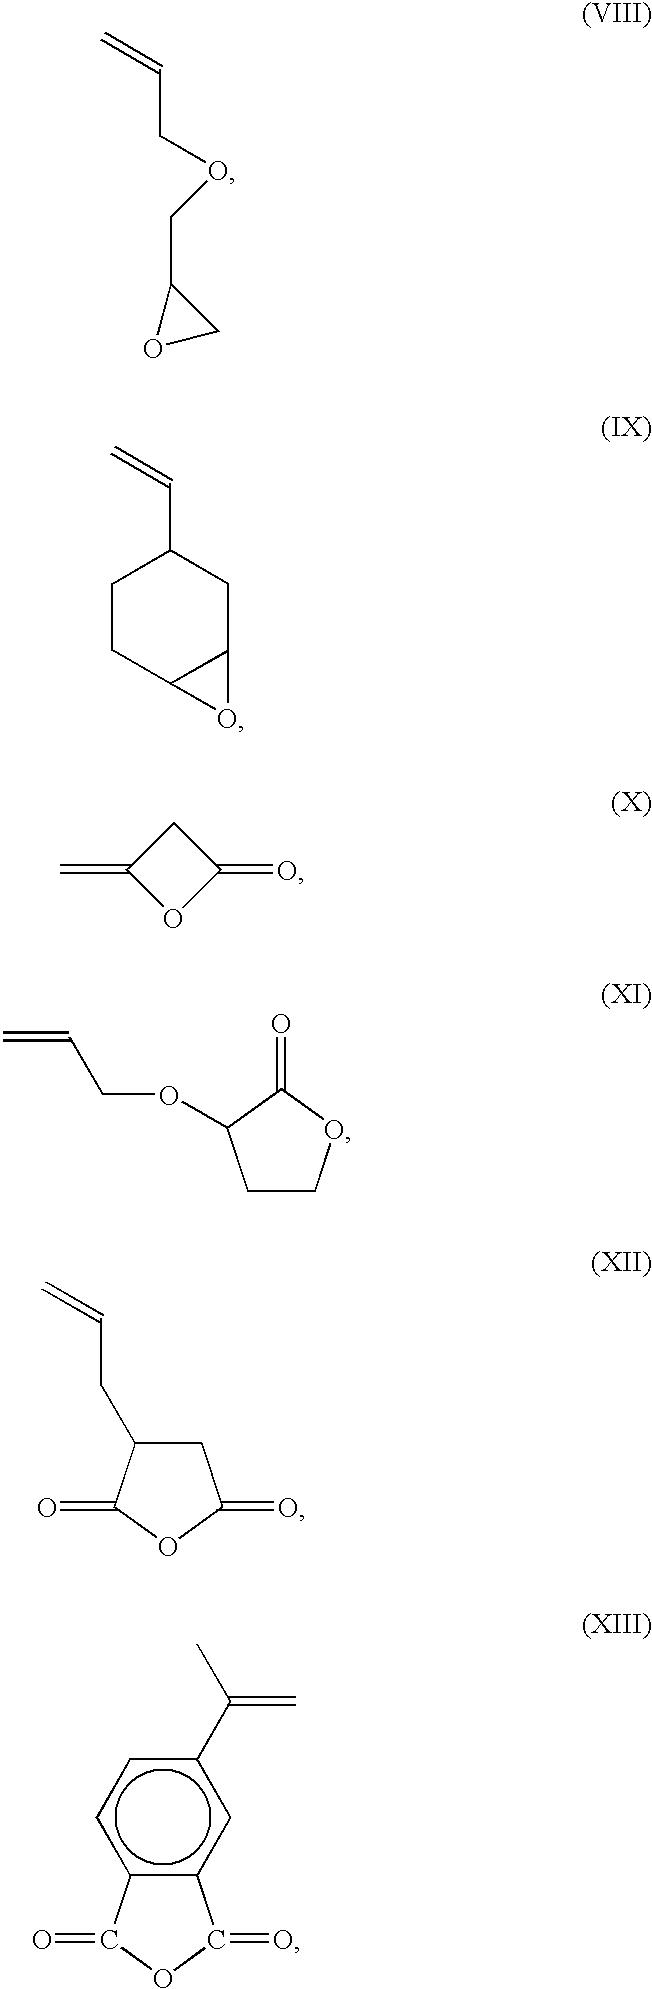 Figure US20030225199A1-20031204-C00006